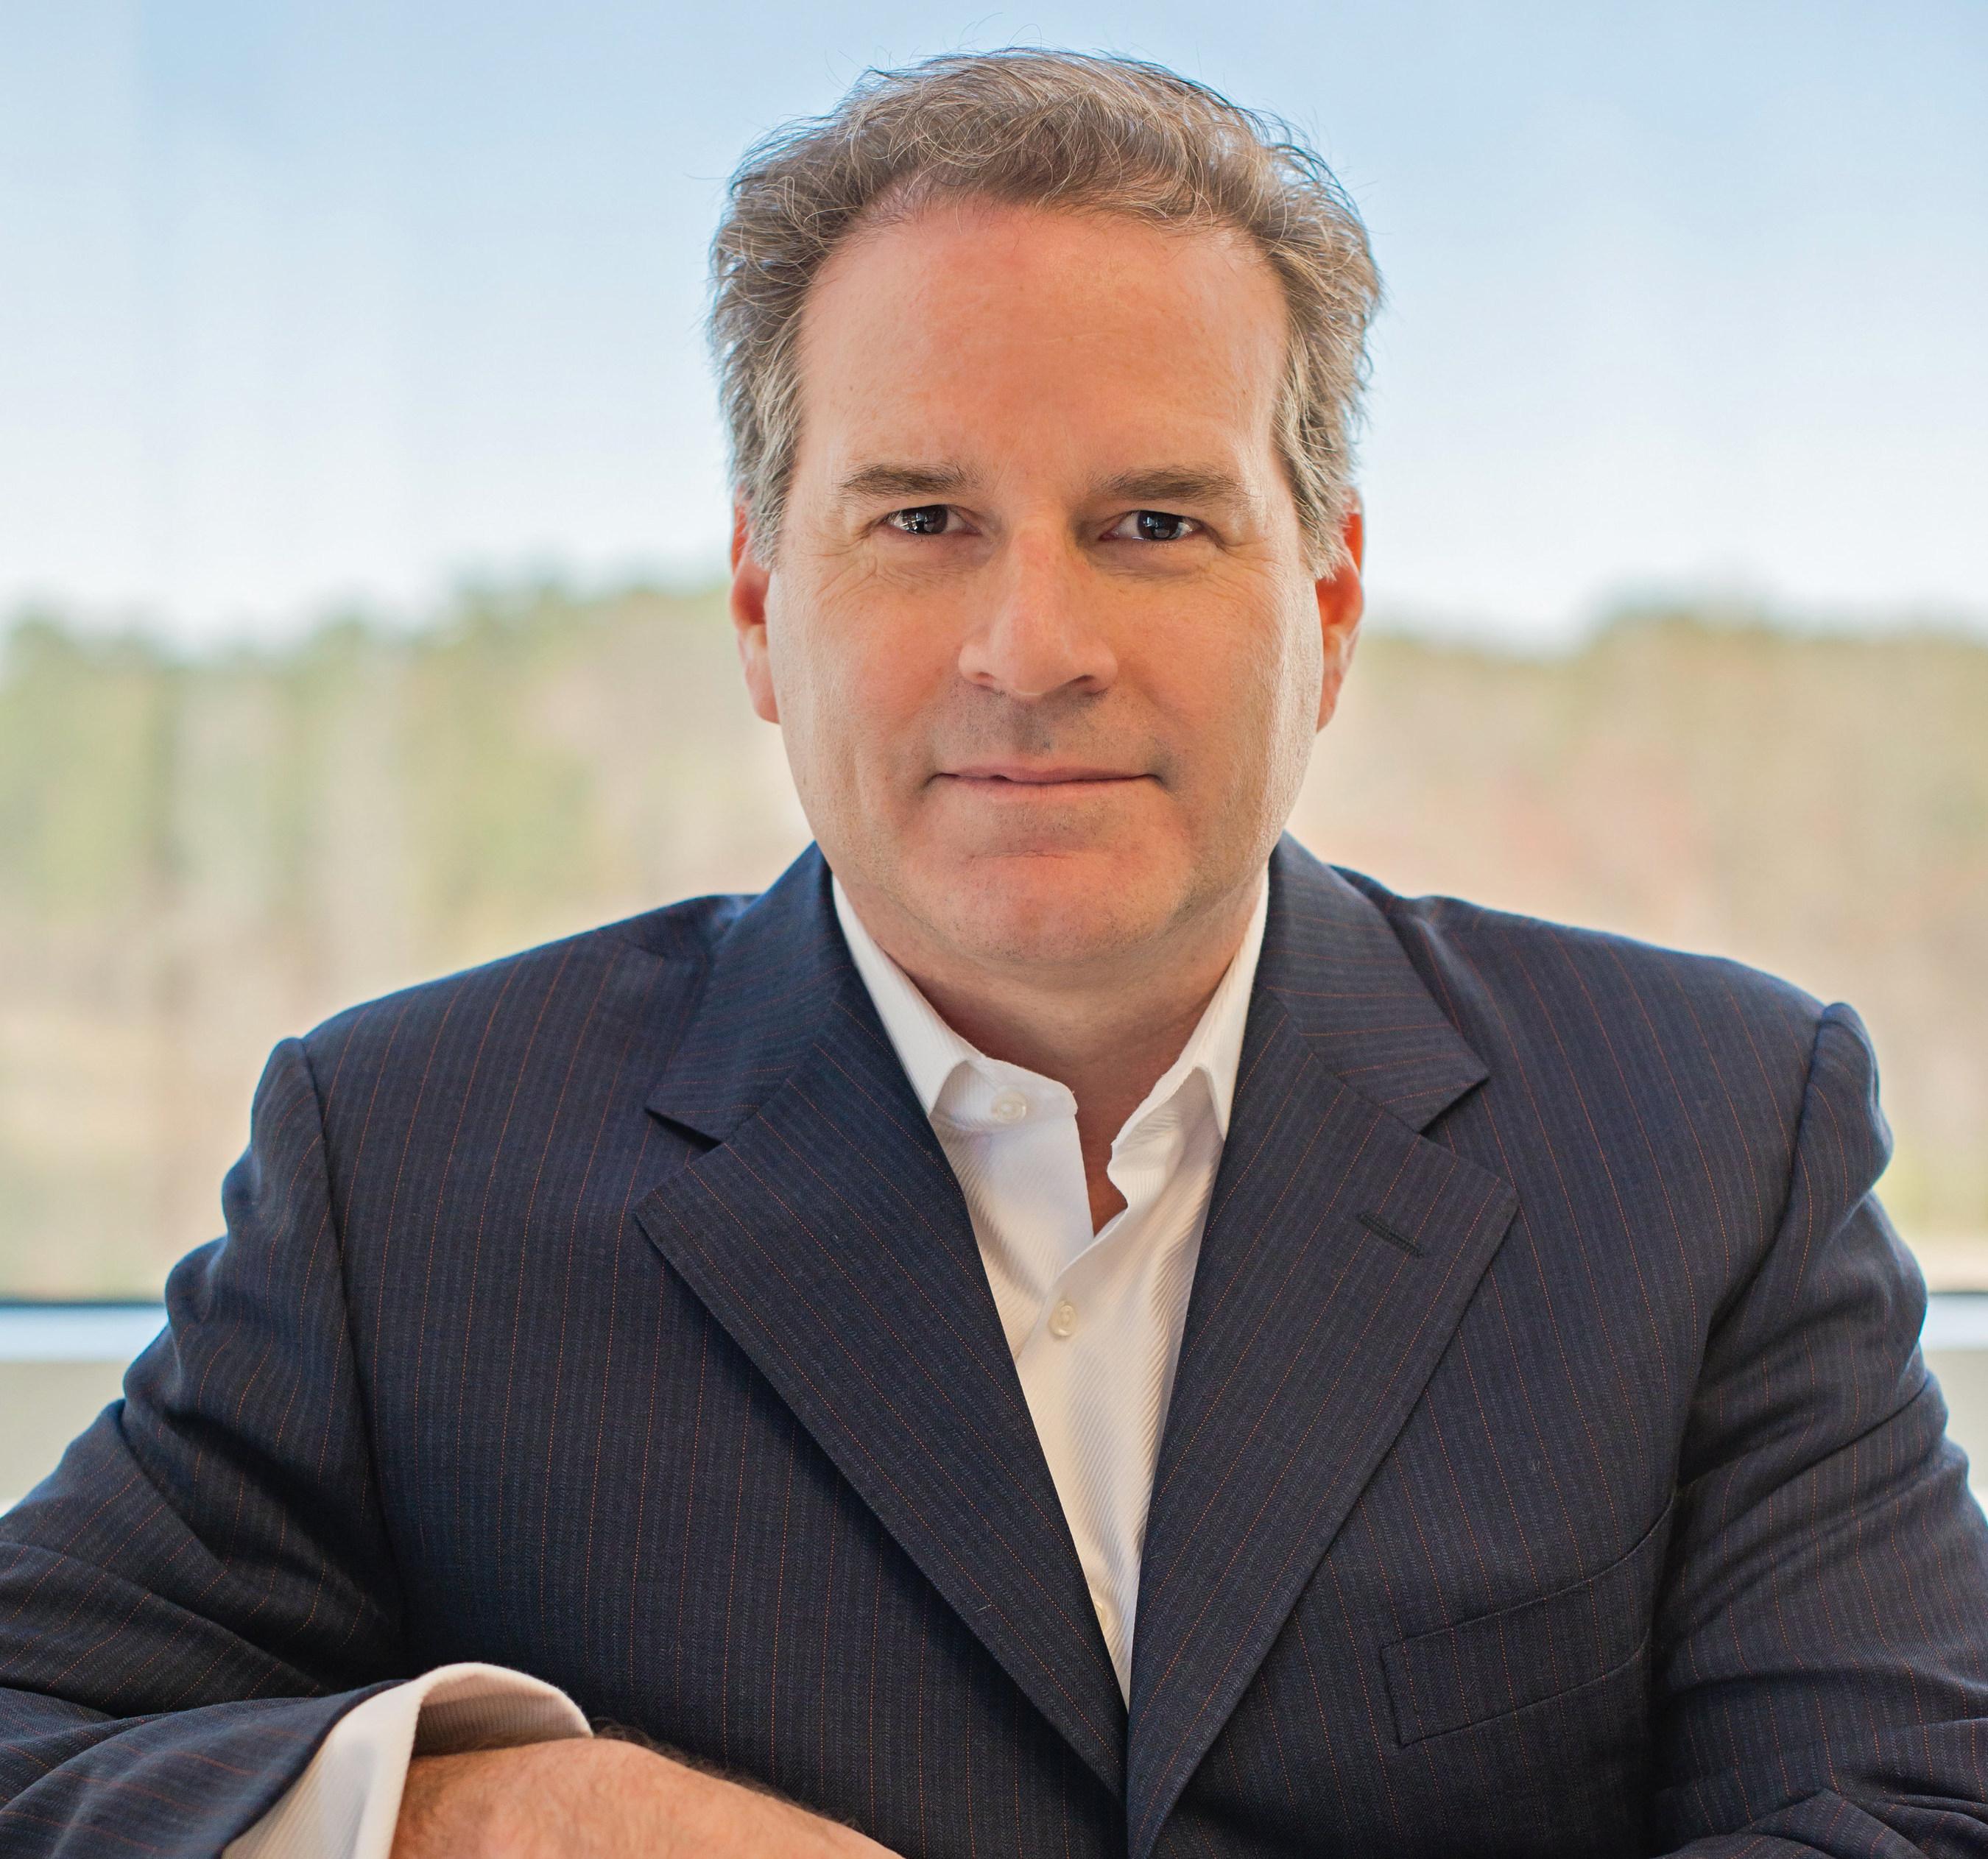 Mark Osterman, Senior Vice President